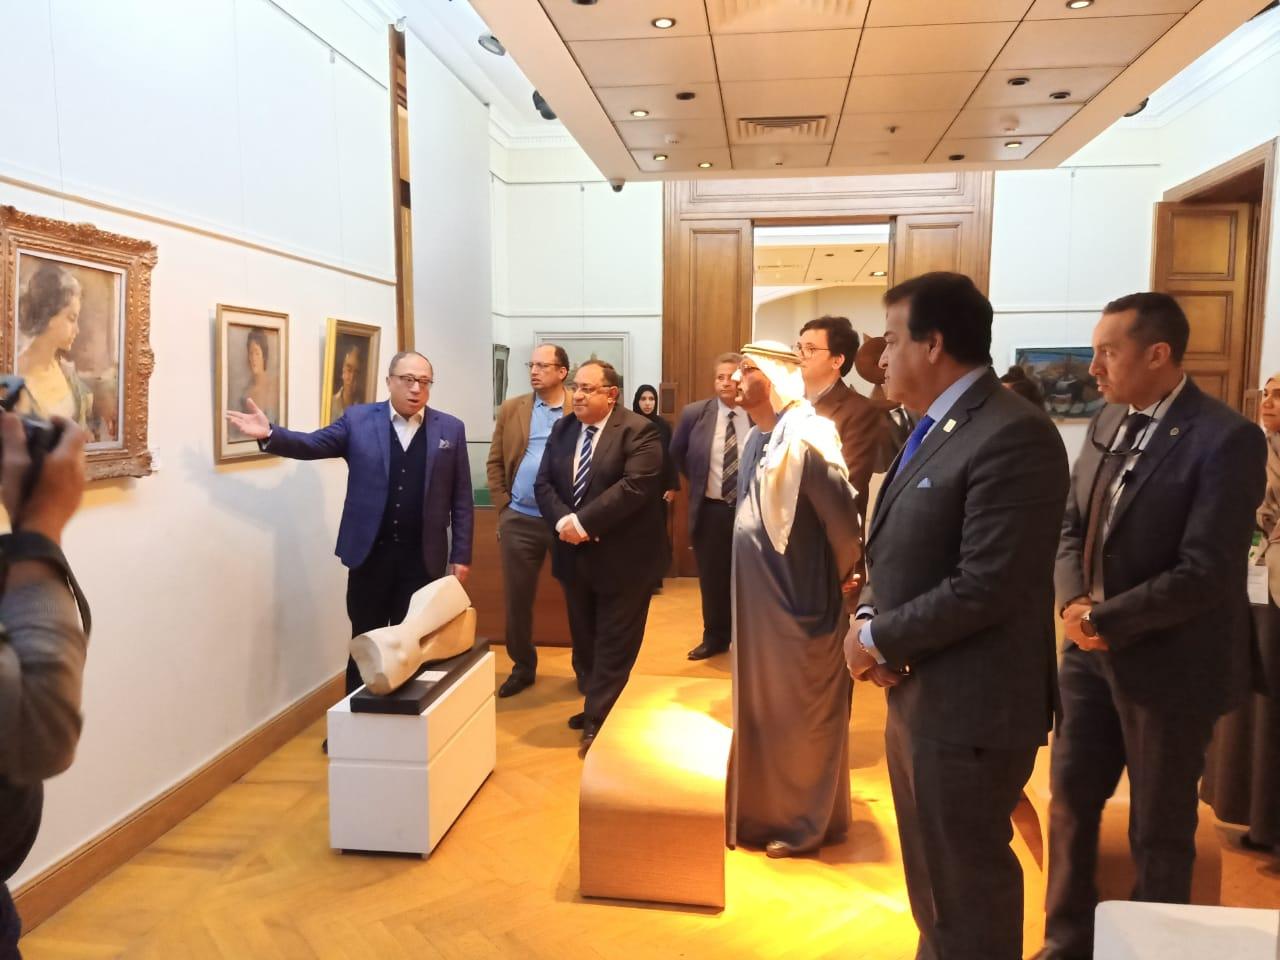 وزير التعليم العالى ووزير التعليم الإماراتى فى زيارة لكلية الفنون الجميلة بالزمالك (2)